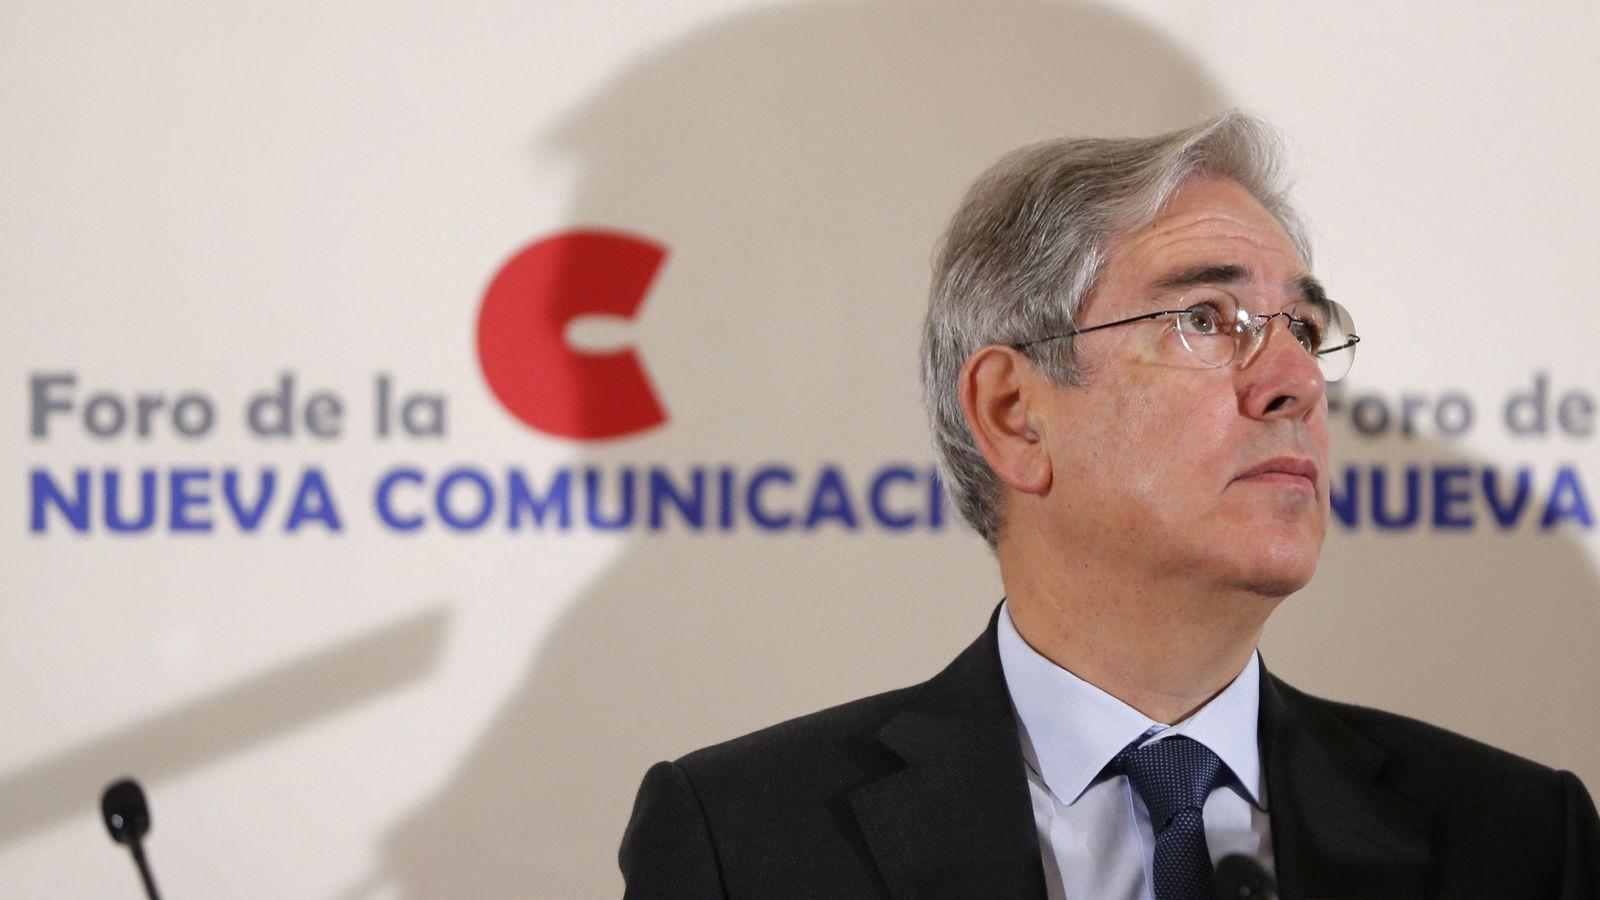 Foto: El presidente de Unidad Editorial, Antonio Fernández-Galiano. (EFE)